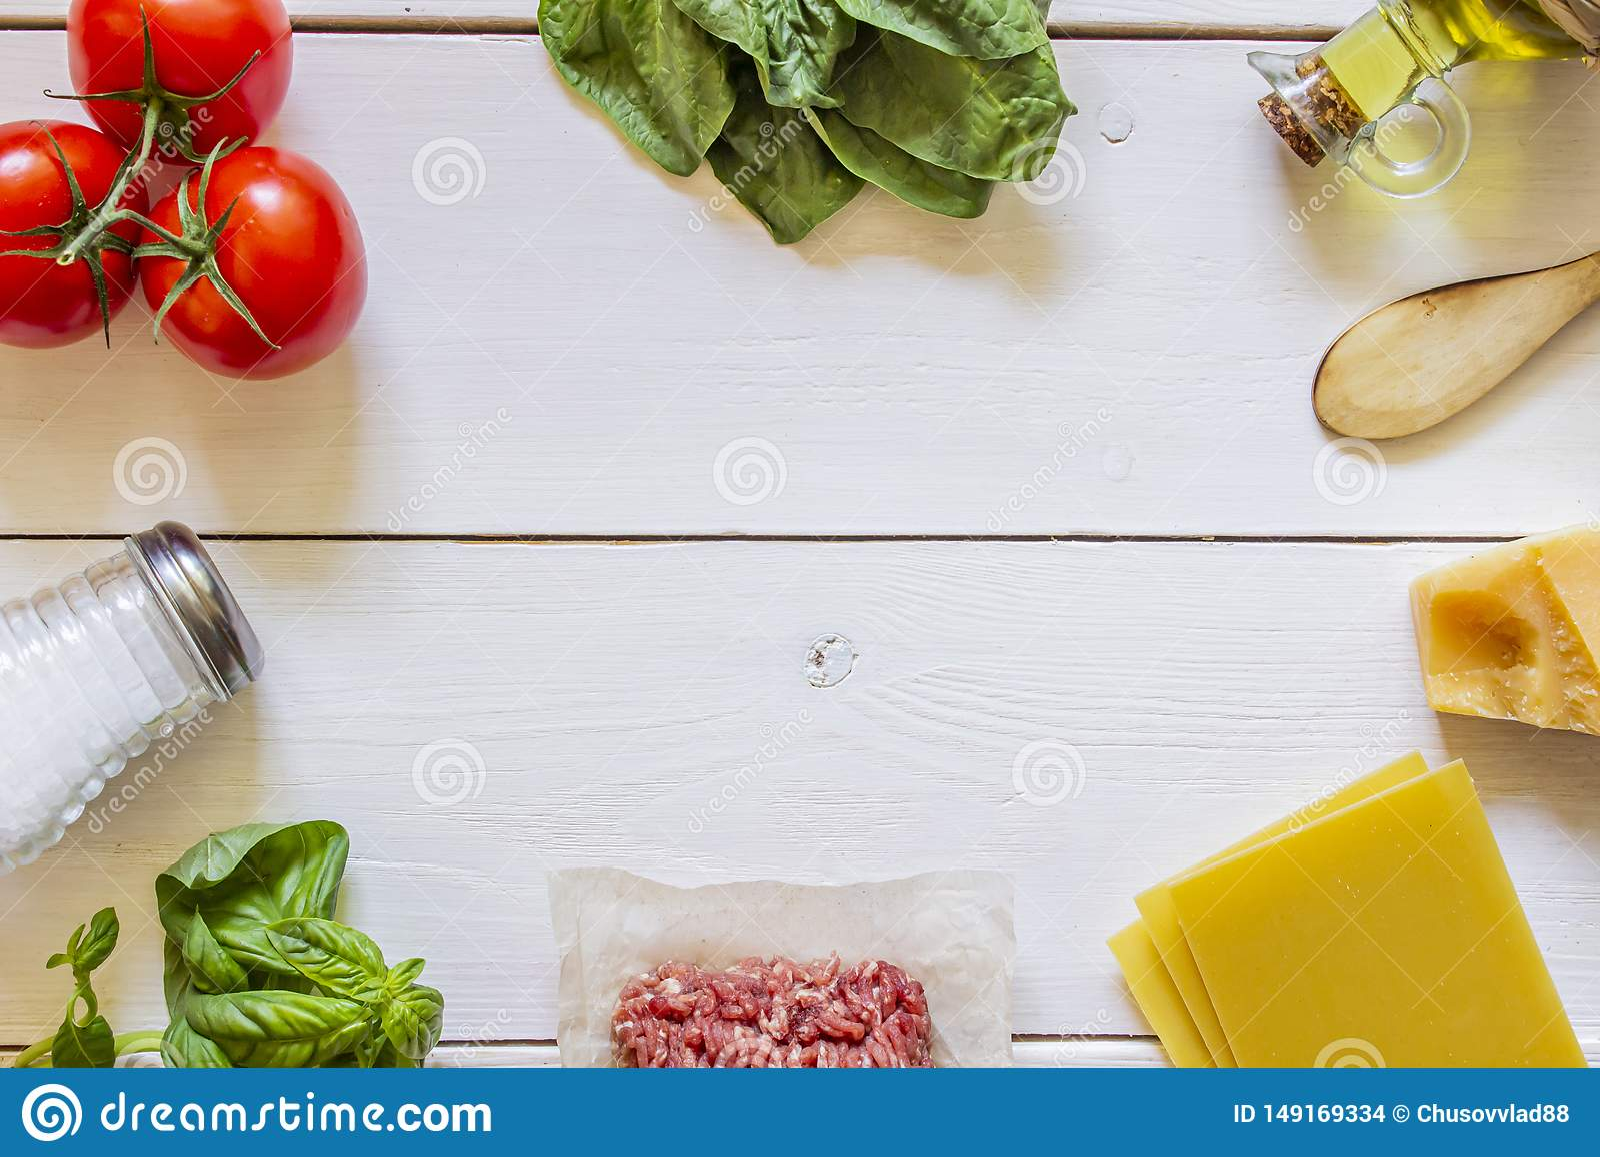 Lasa?as, tomates, carne picadita y otros ingredientes Fondo de madera blanco Cocina italiana